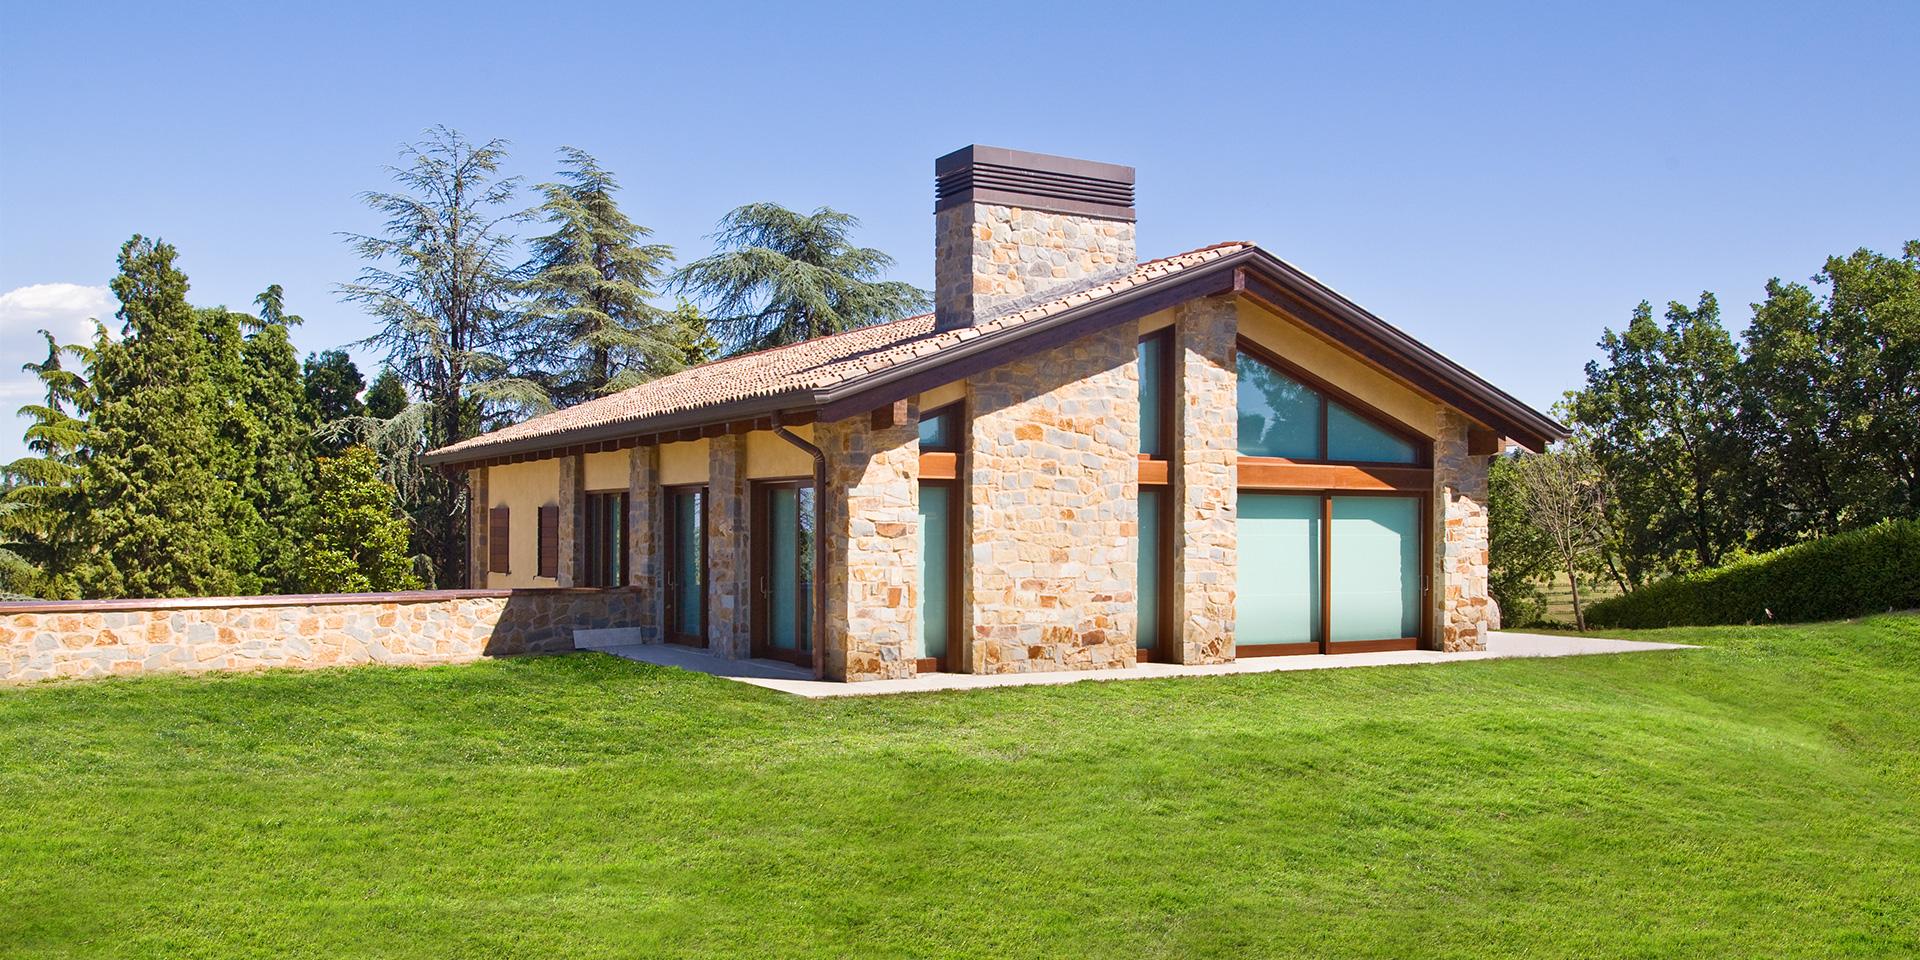 Villa privata a Montecavolo, Binini Partners, Società di architettura e ingegneria